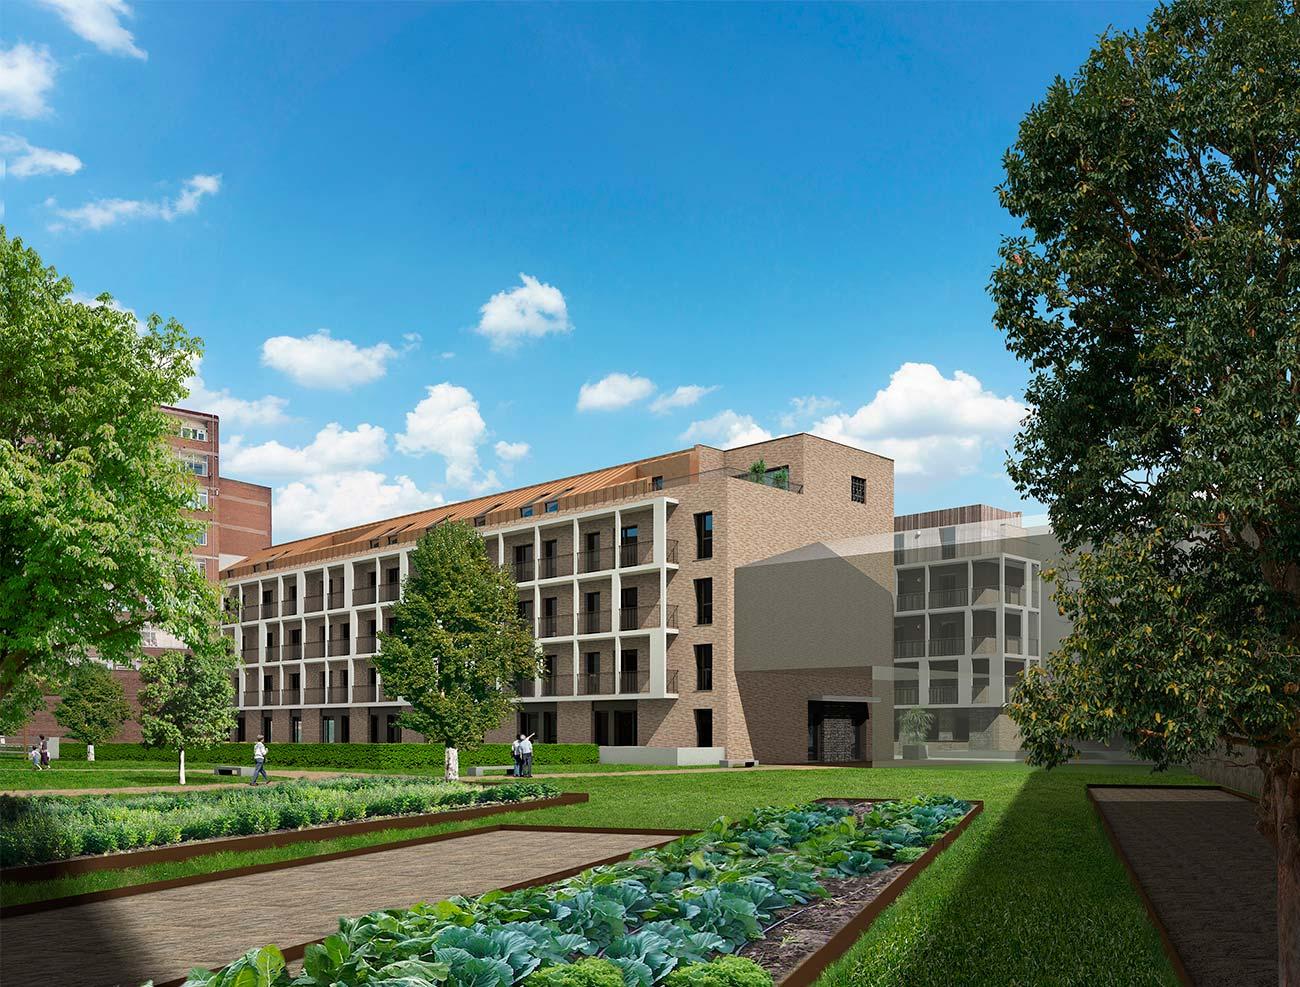 allegra-magna-san-quirce-residencial-vista-exterior-huerto-jardin